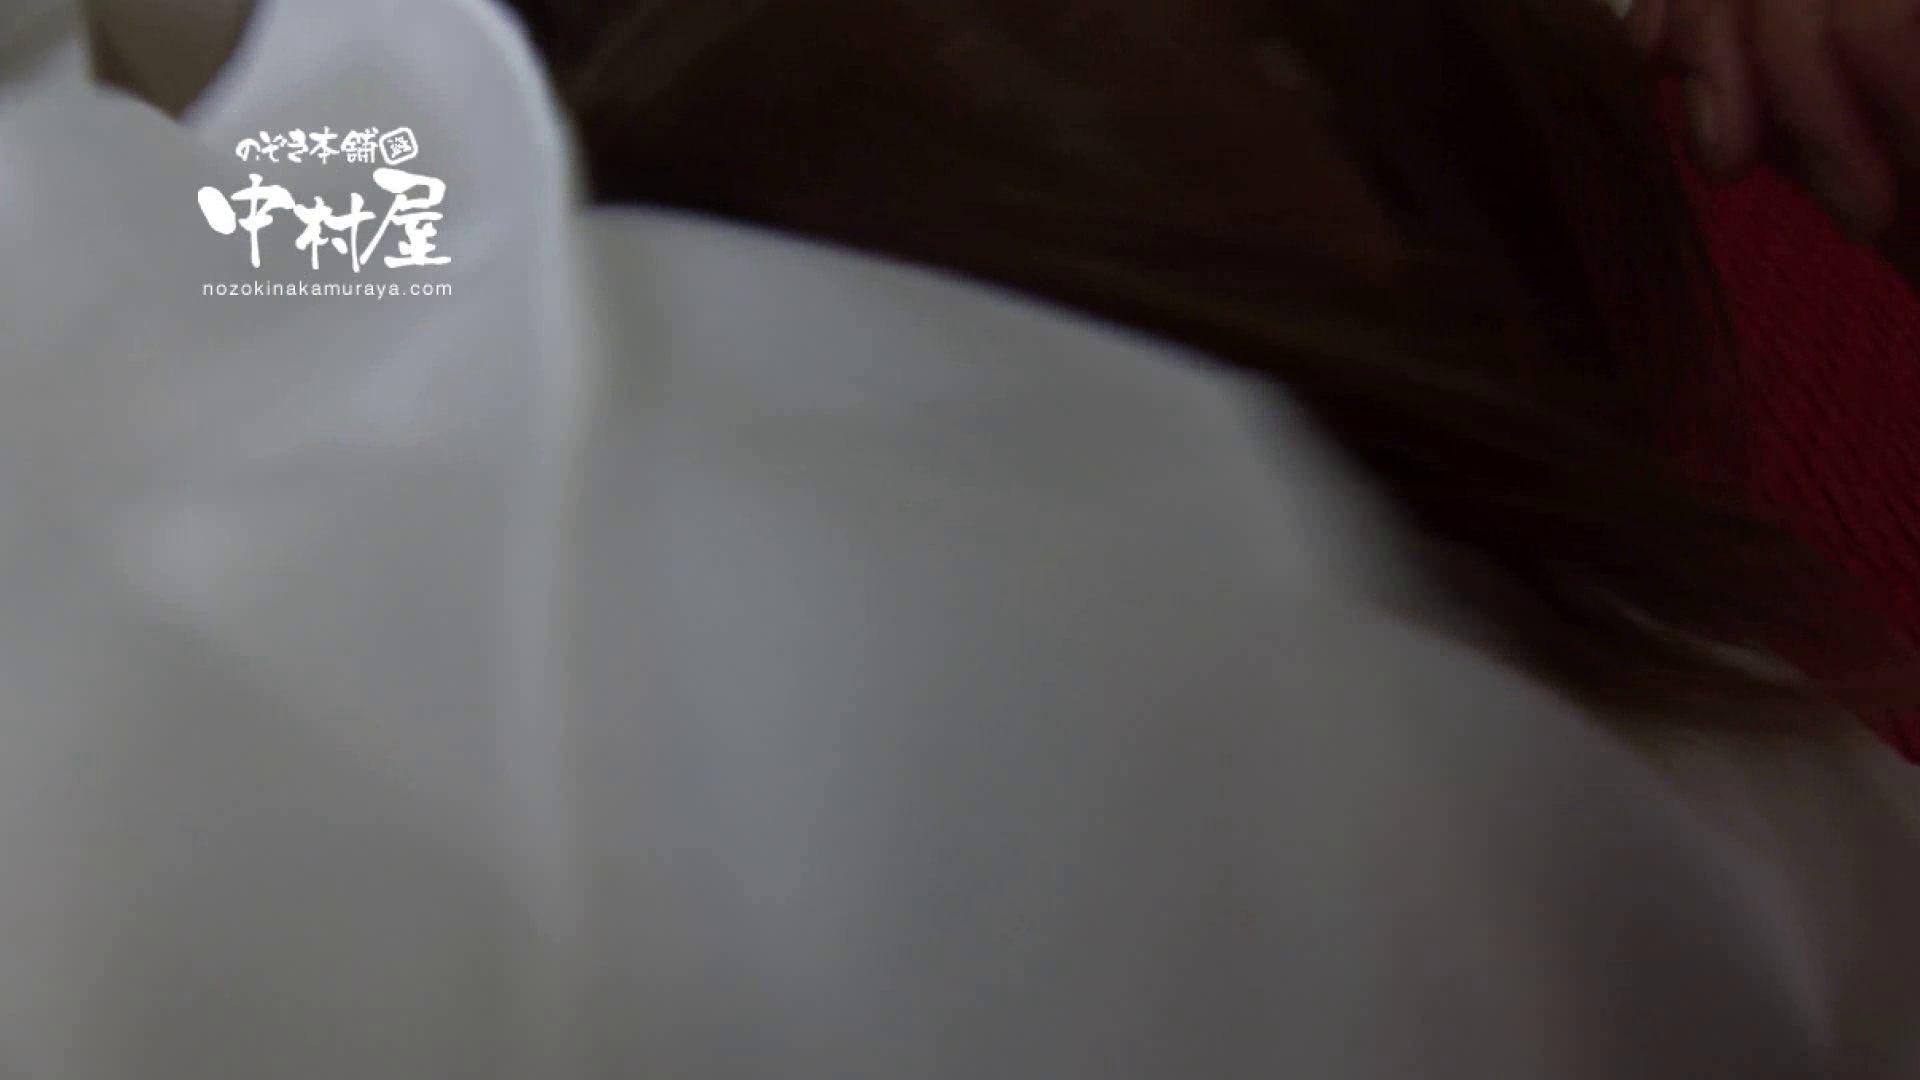 鬼畜 vol.07 パイパンだと?!中出ししてやる! 前編 中出し おめこ無修正画像 102PIX 2